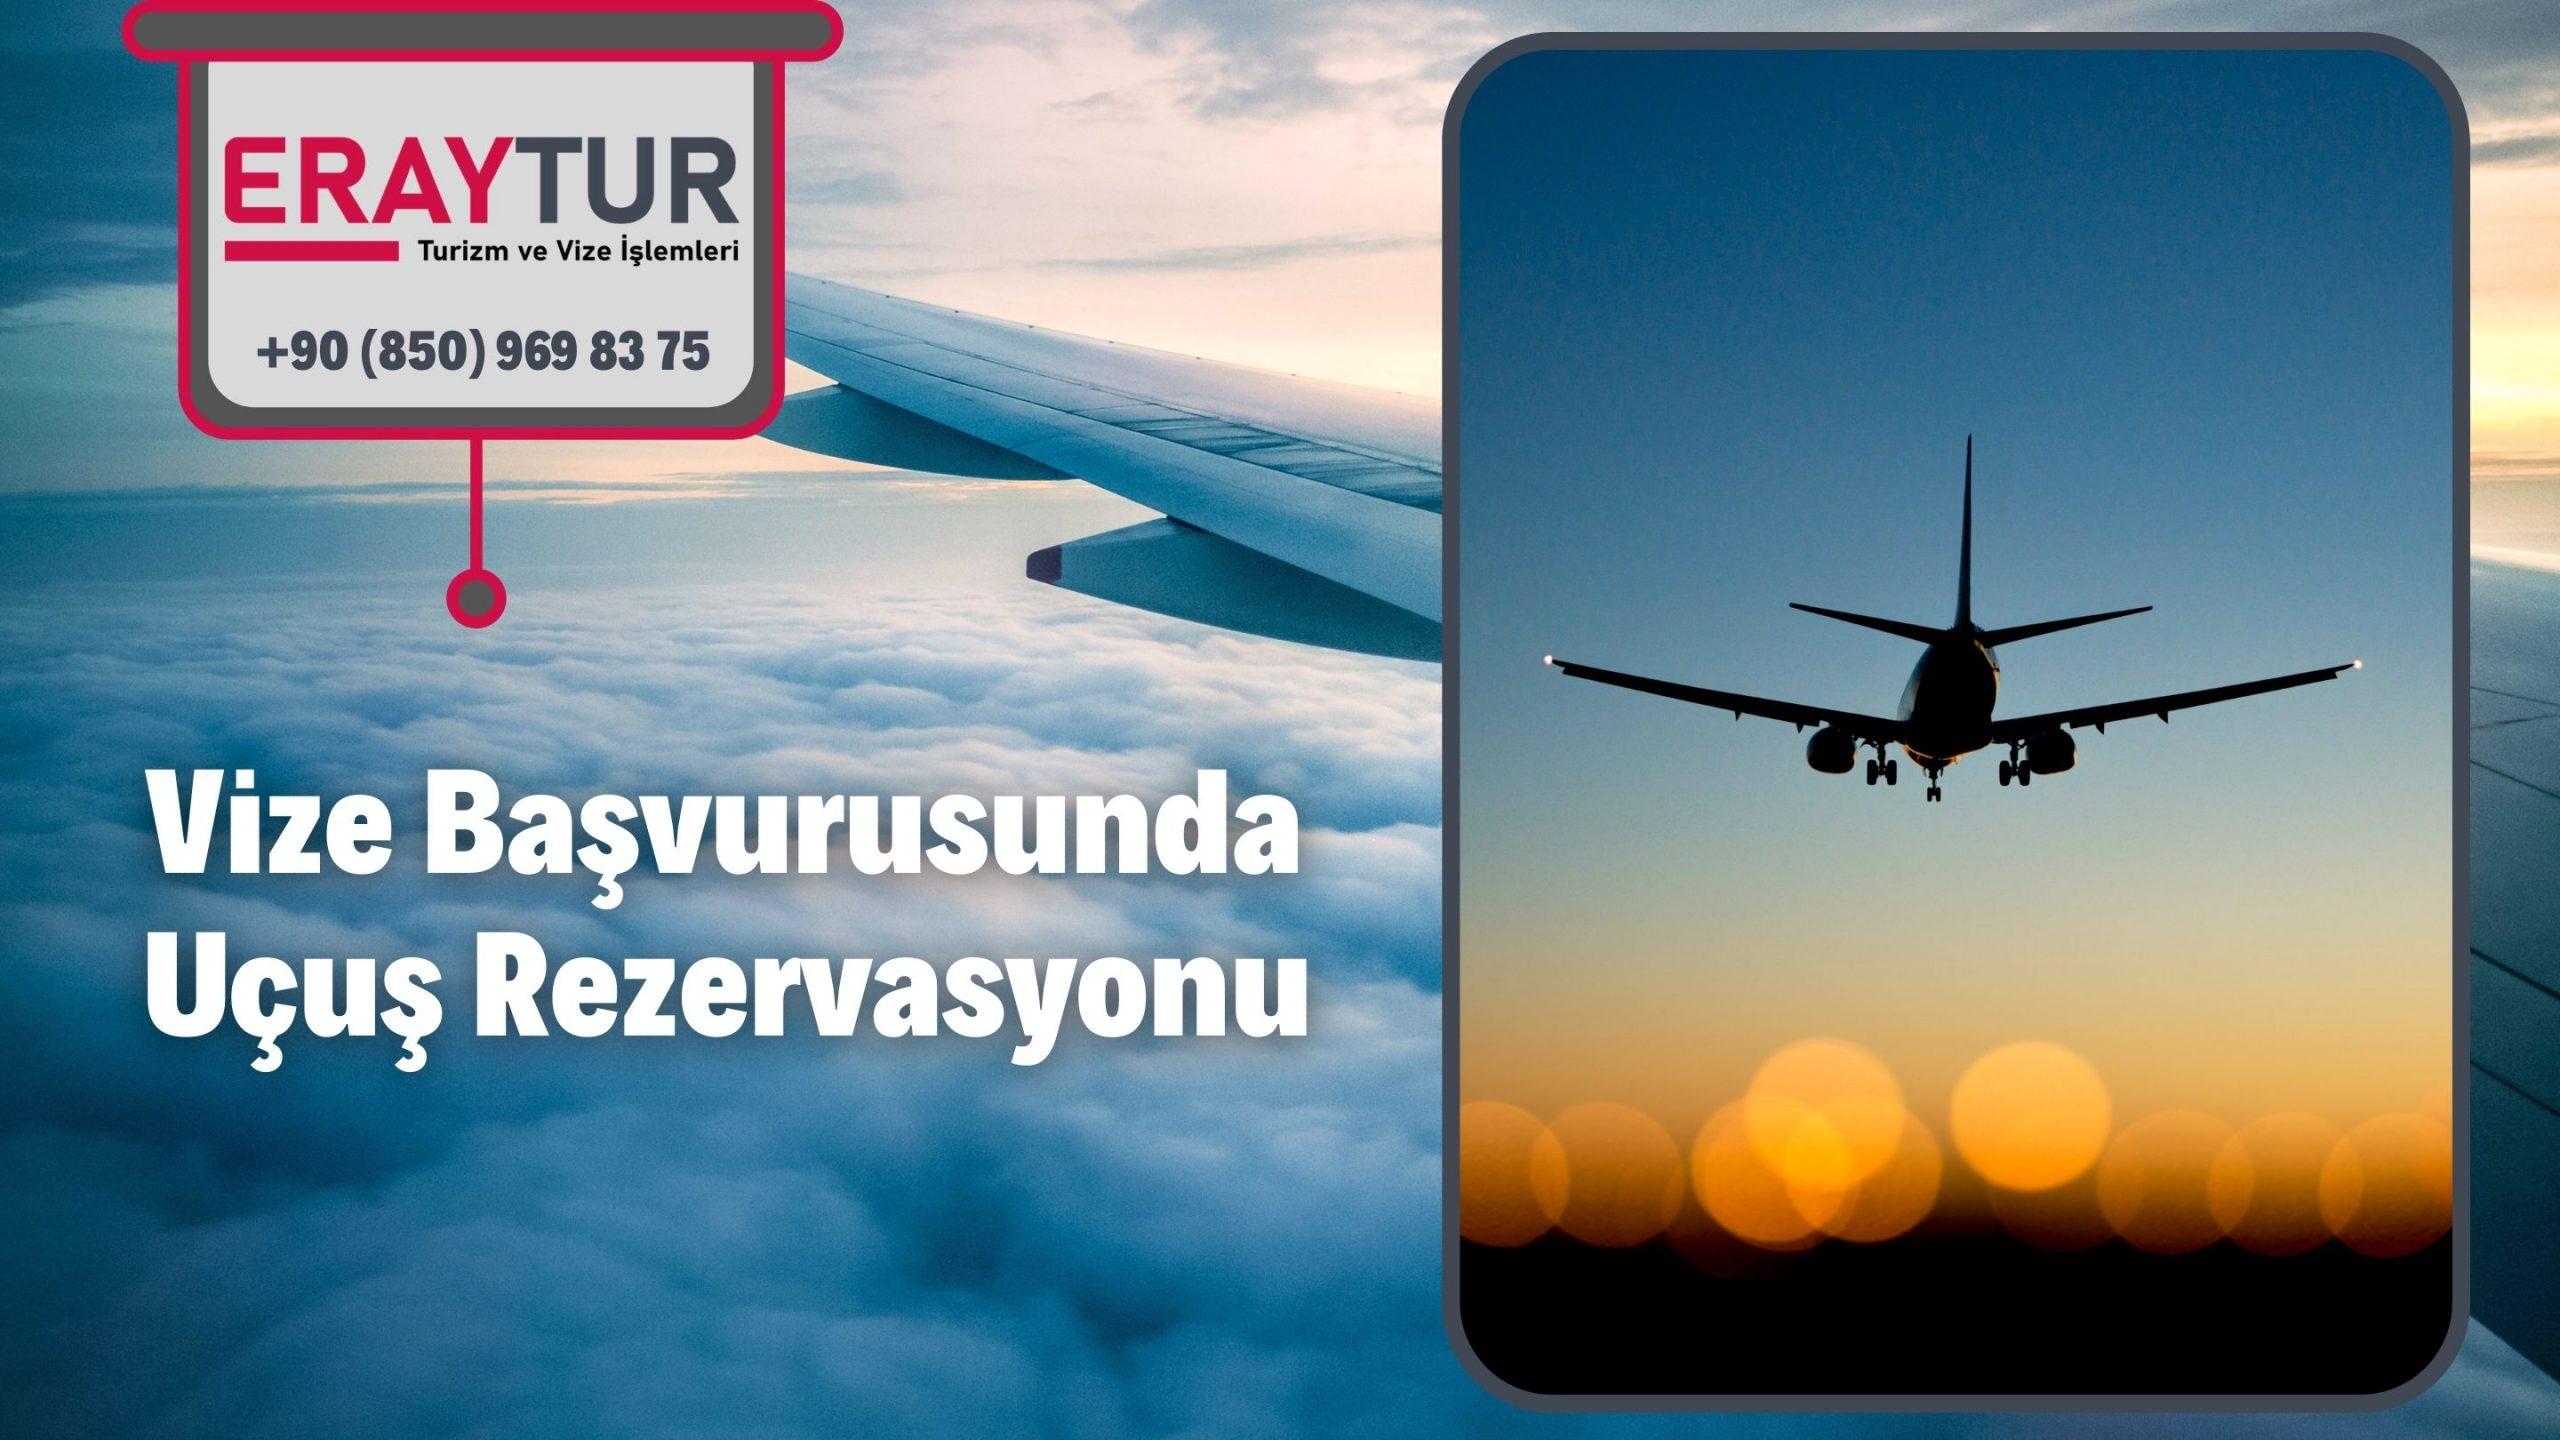 Vize Başvurusunda Uçuş Rezervasyonu